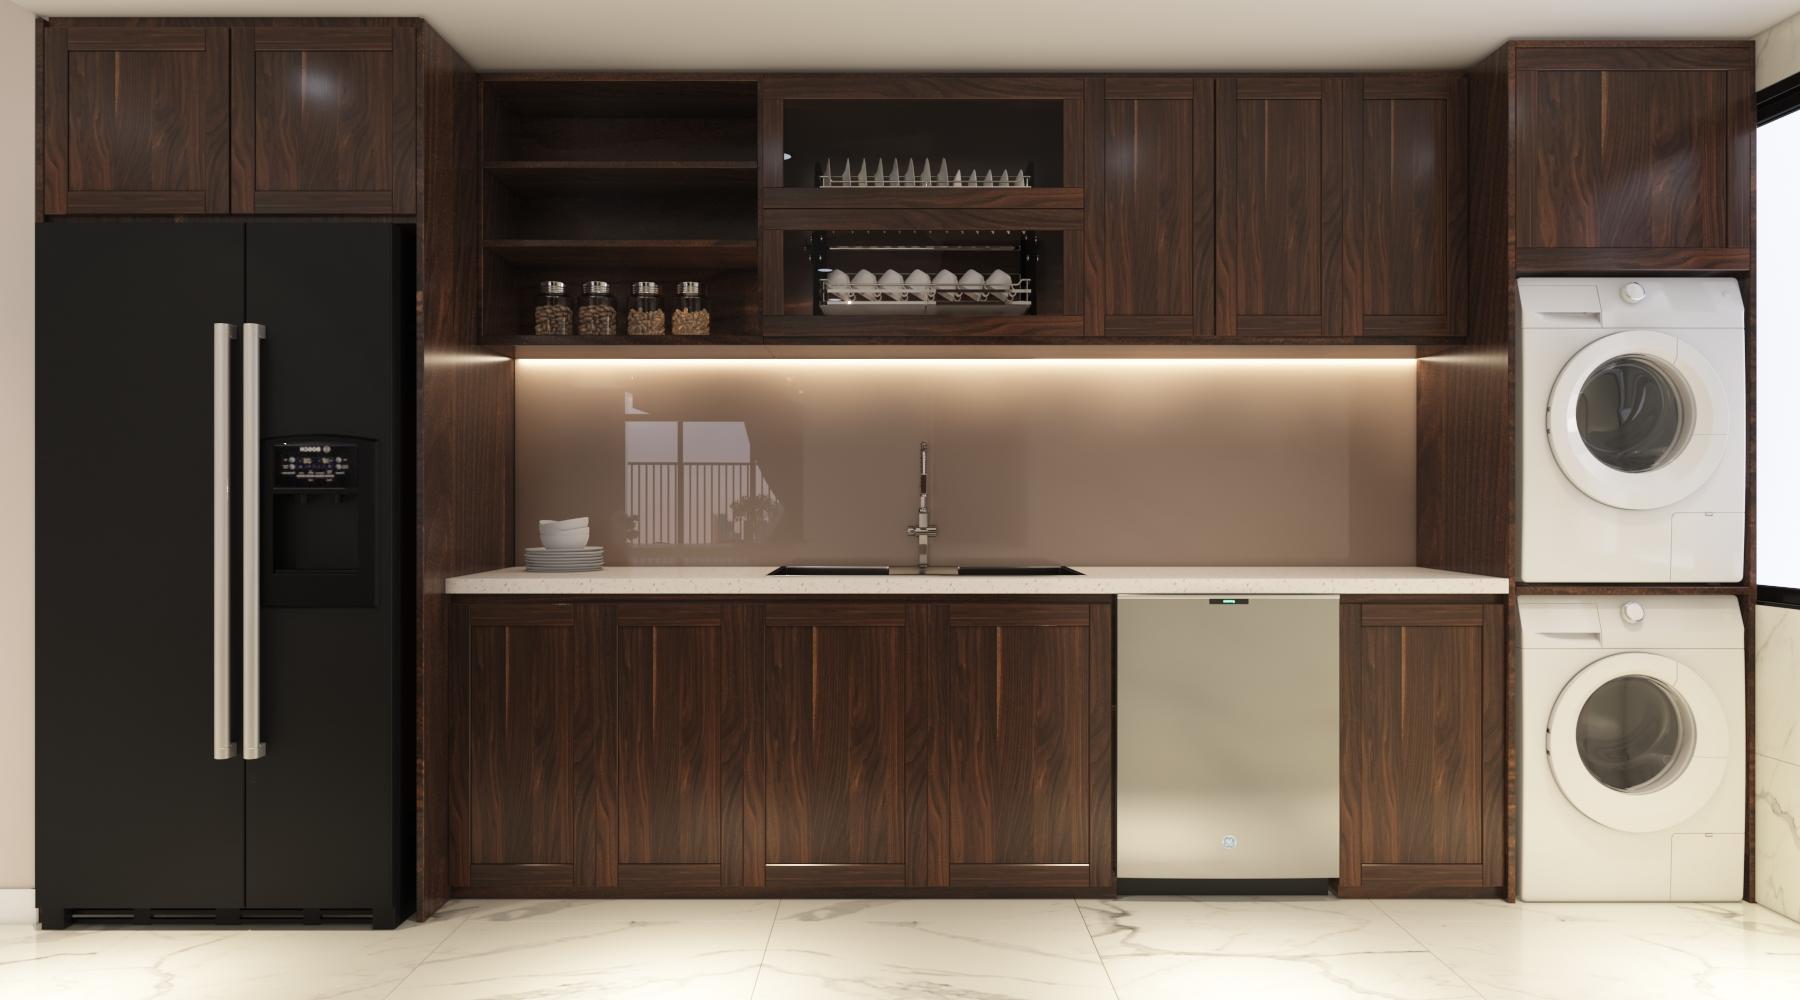 Thiết kế nội thất Chung Cư tại Hà Nội Chung cư New Skyline Văn Quán 1580465734 4